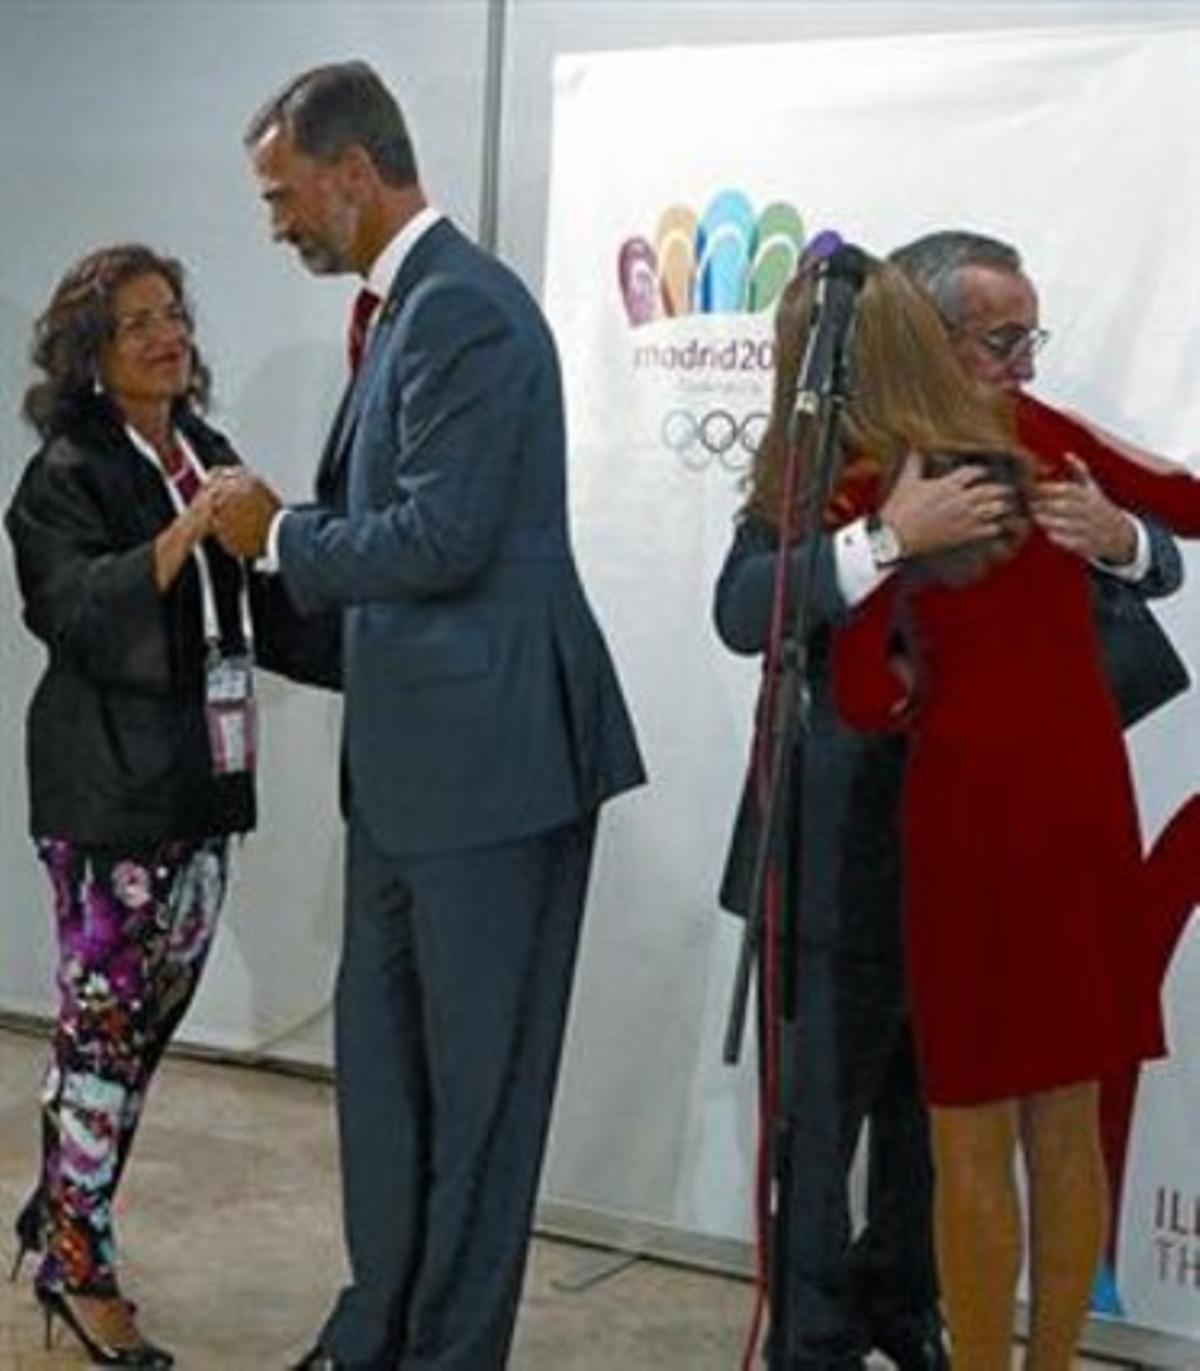 Felipe consuela a Botella y Letizia a Blanco, en Buenos Aires.